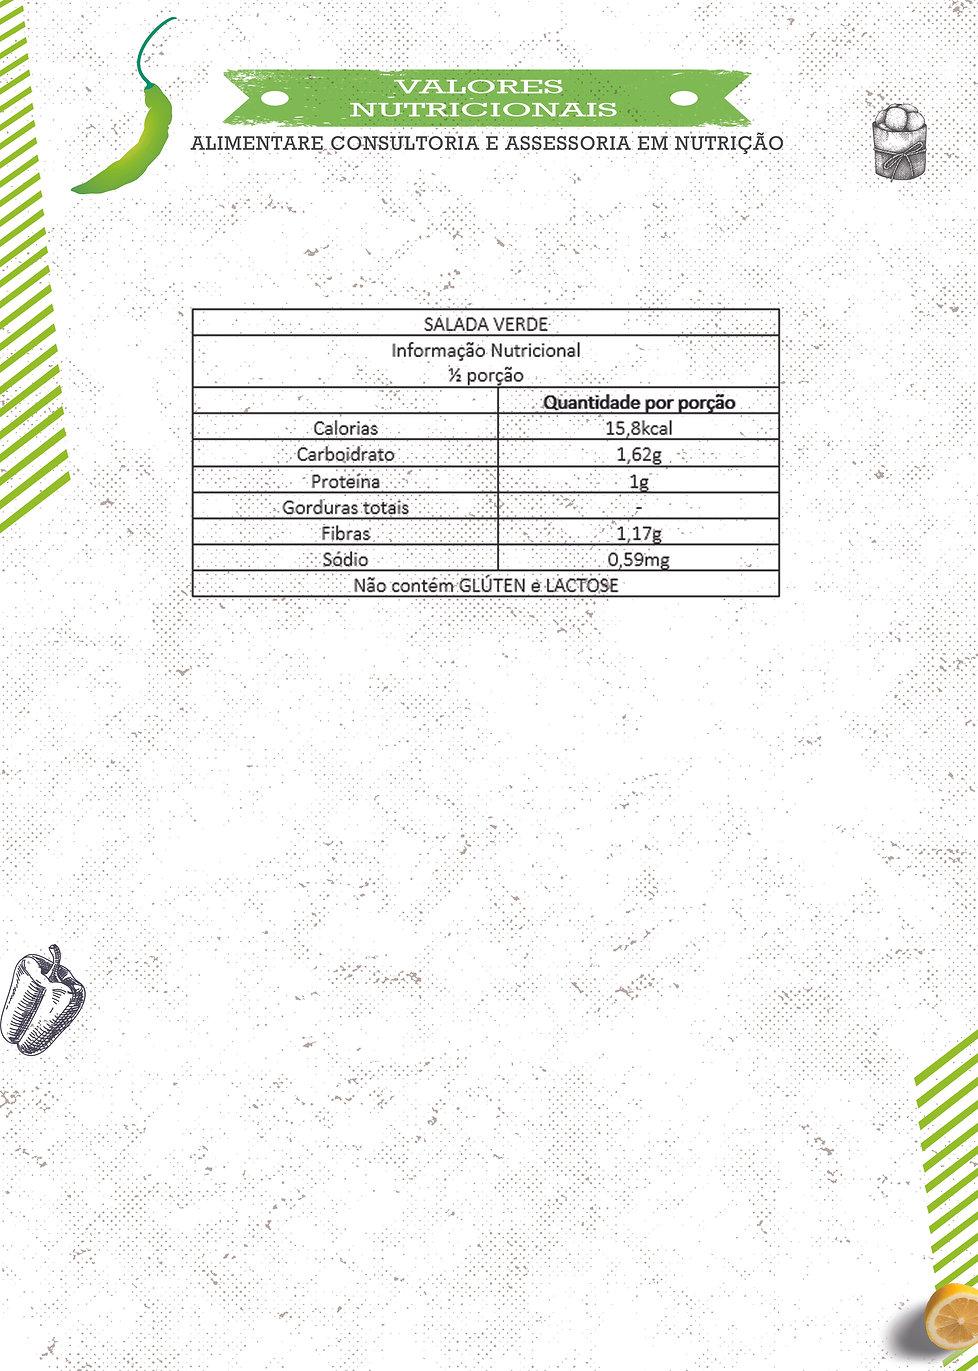 VALORES NUTRICIONAIS PAG 19.jpg